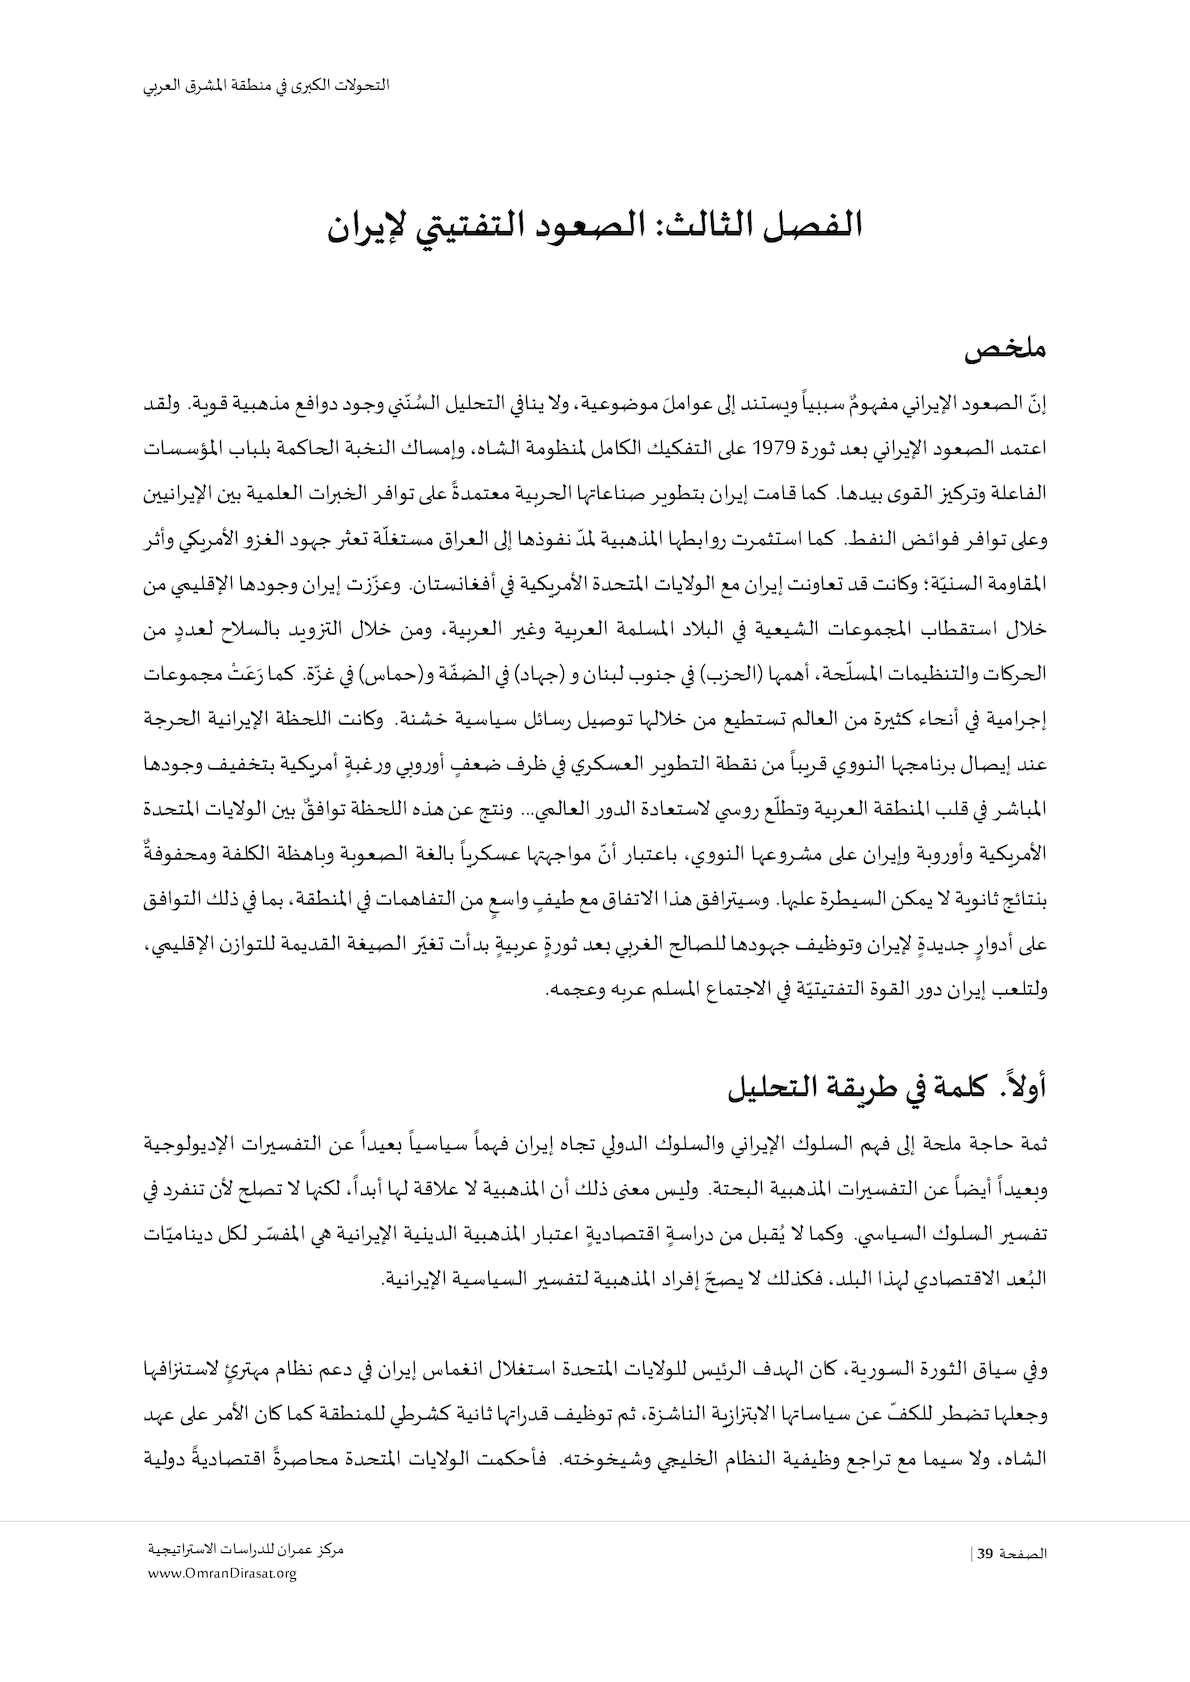 التحولات الكبرى في المشرق العربي Calameo Downloader